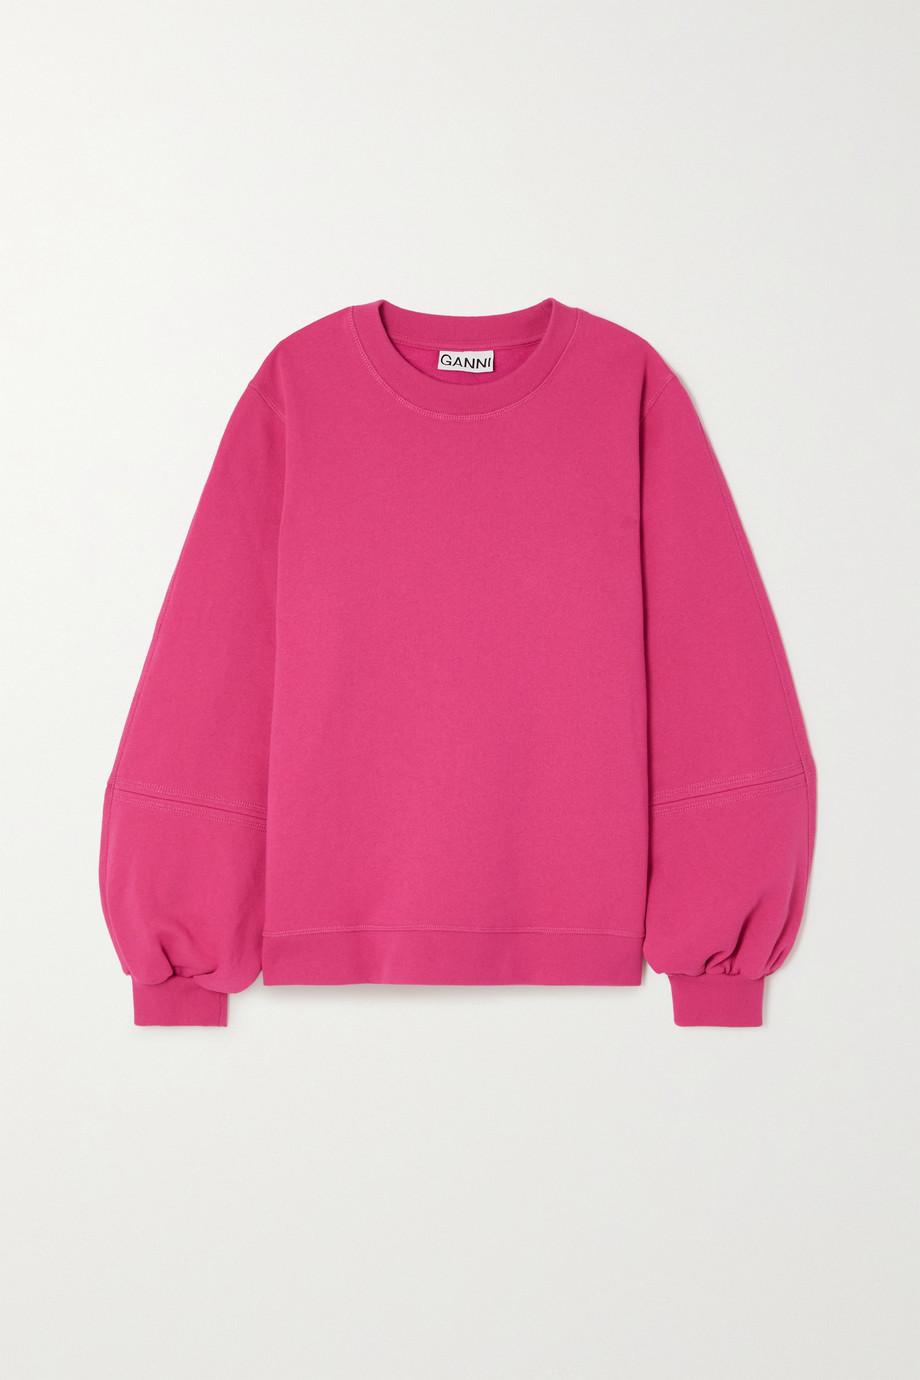 GANNI Software Sweatshirt aus Jersey aus einer recycelten Baumwollmischung mit Stickerei